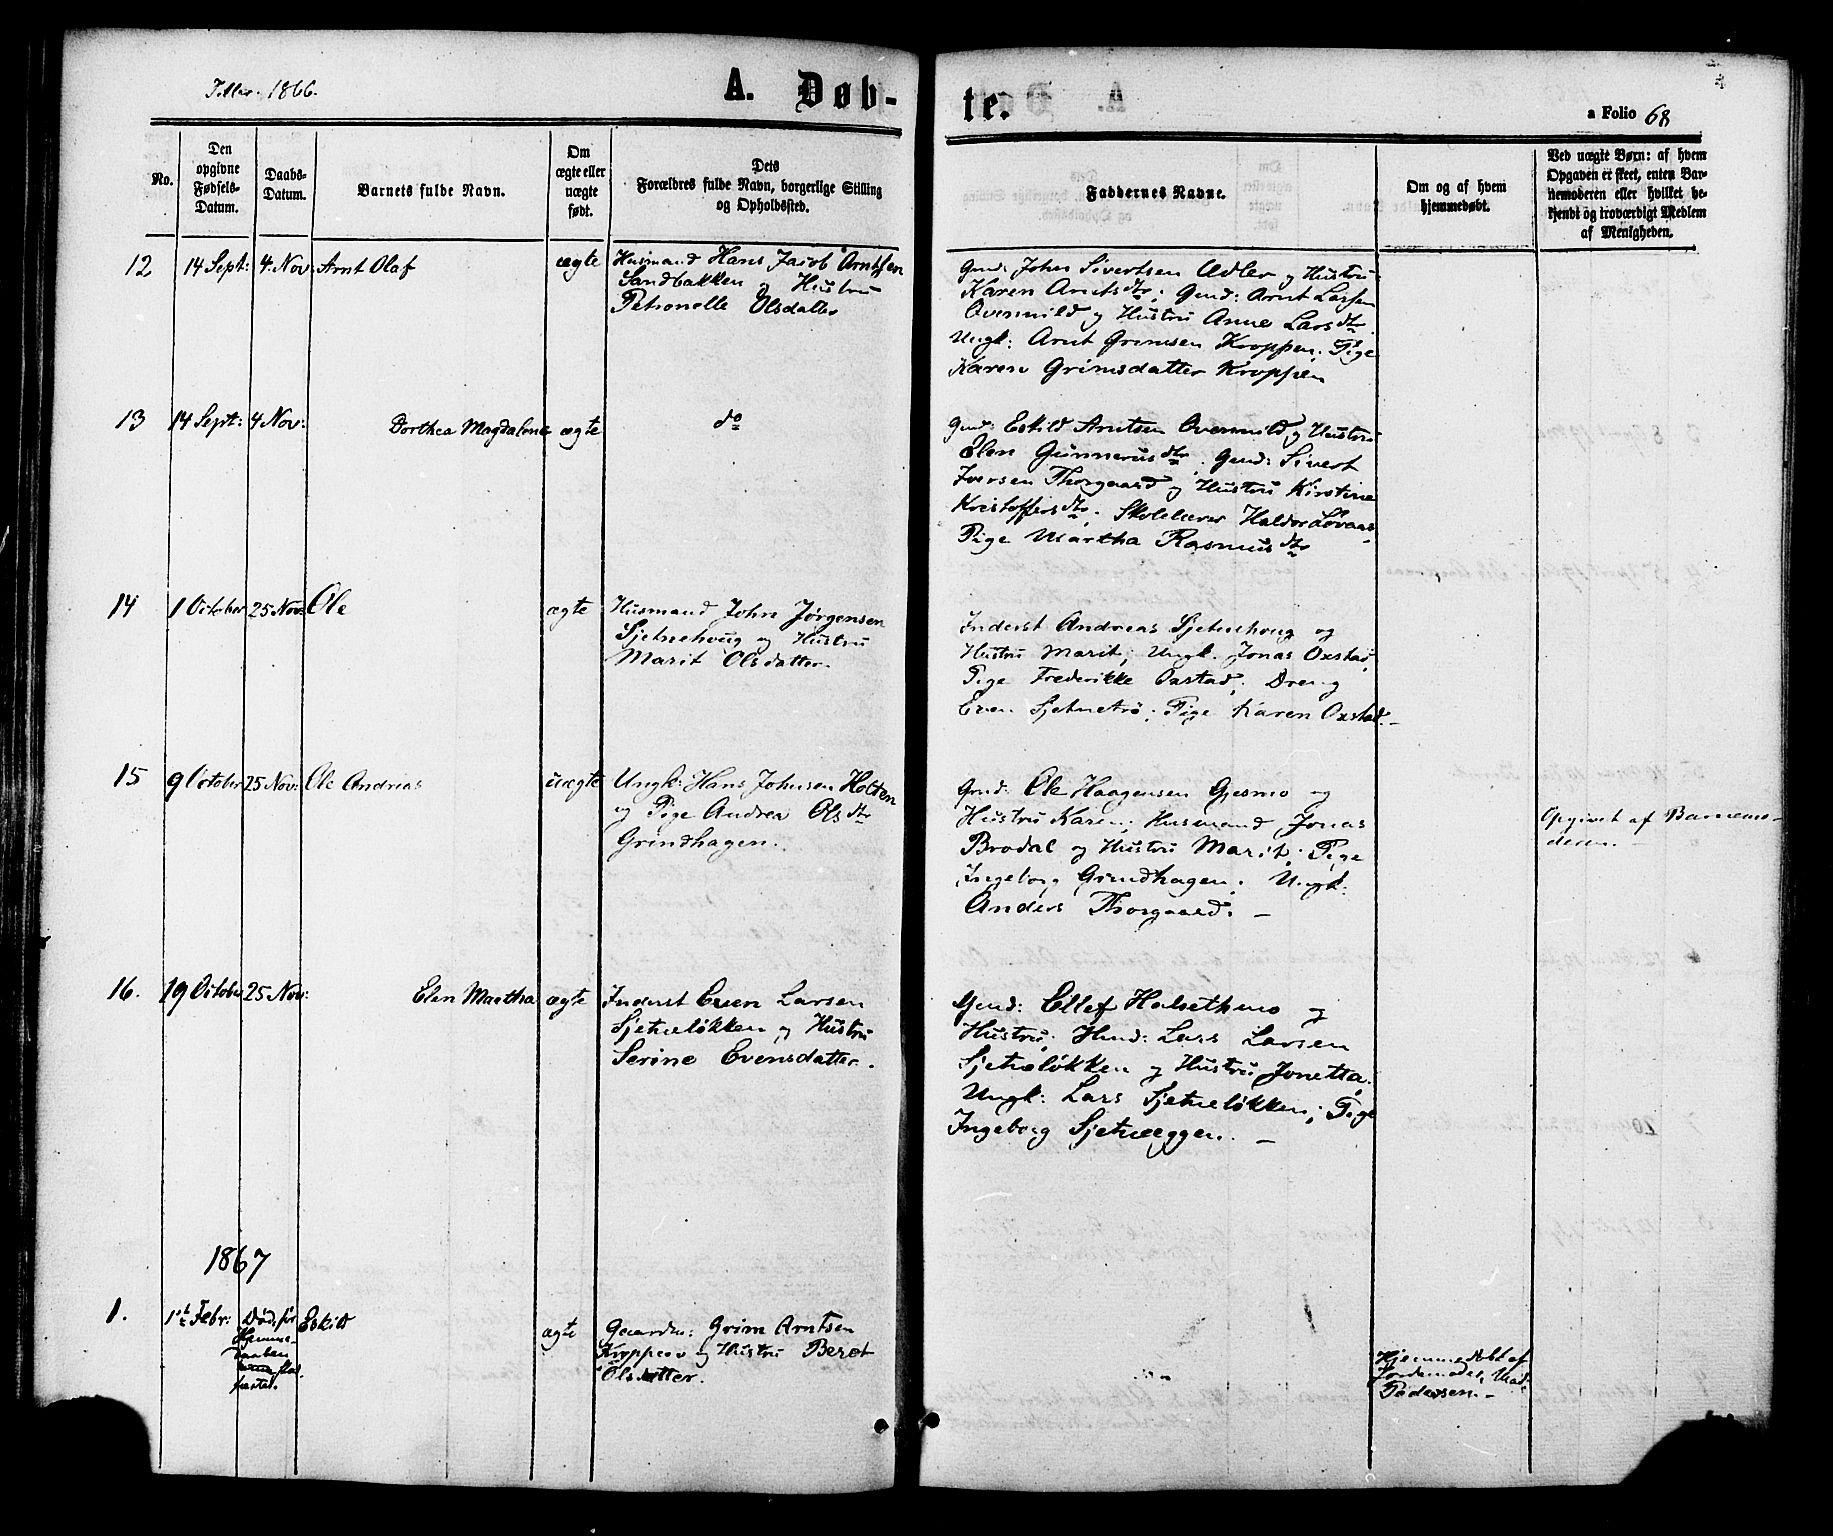 SAT, Ministerialprotokoller, klokkerbøker og fødselsregistre - Sør-Trøndelag, 618/L0443: Ministerialbok nr. 618A06 /2, 1863-1879, s. 68